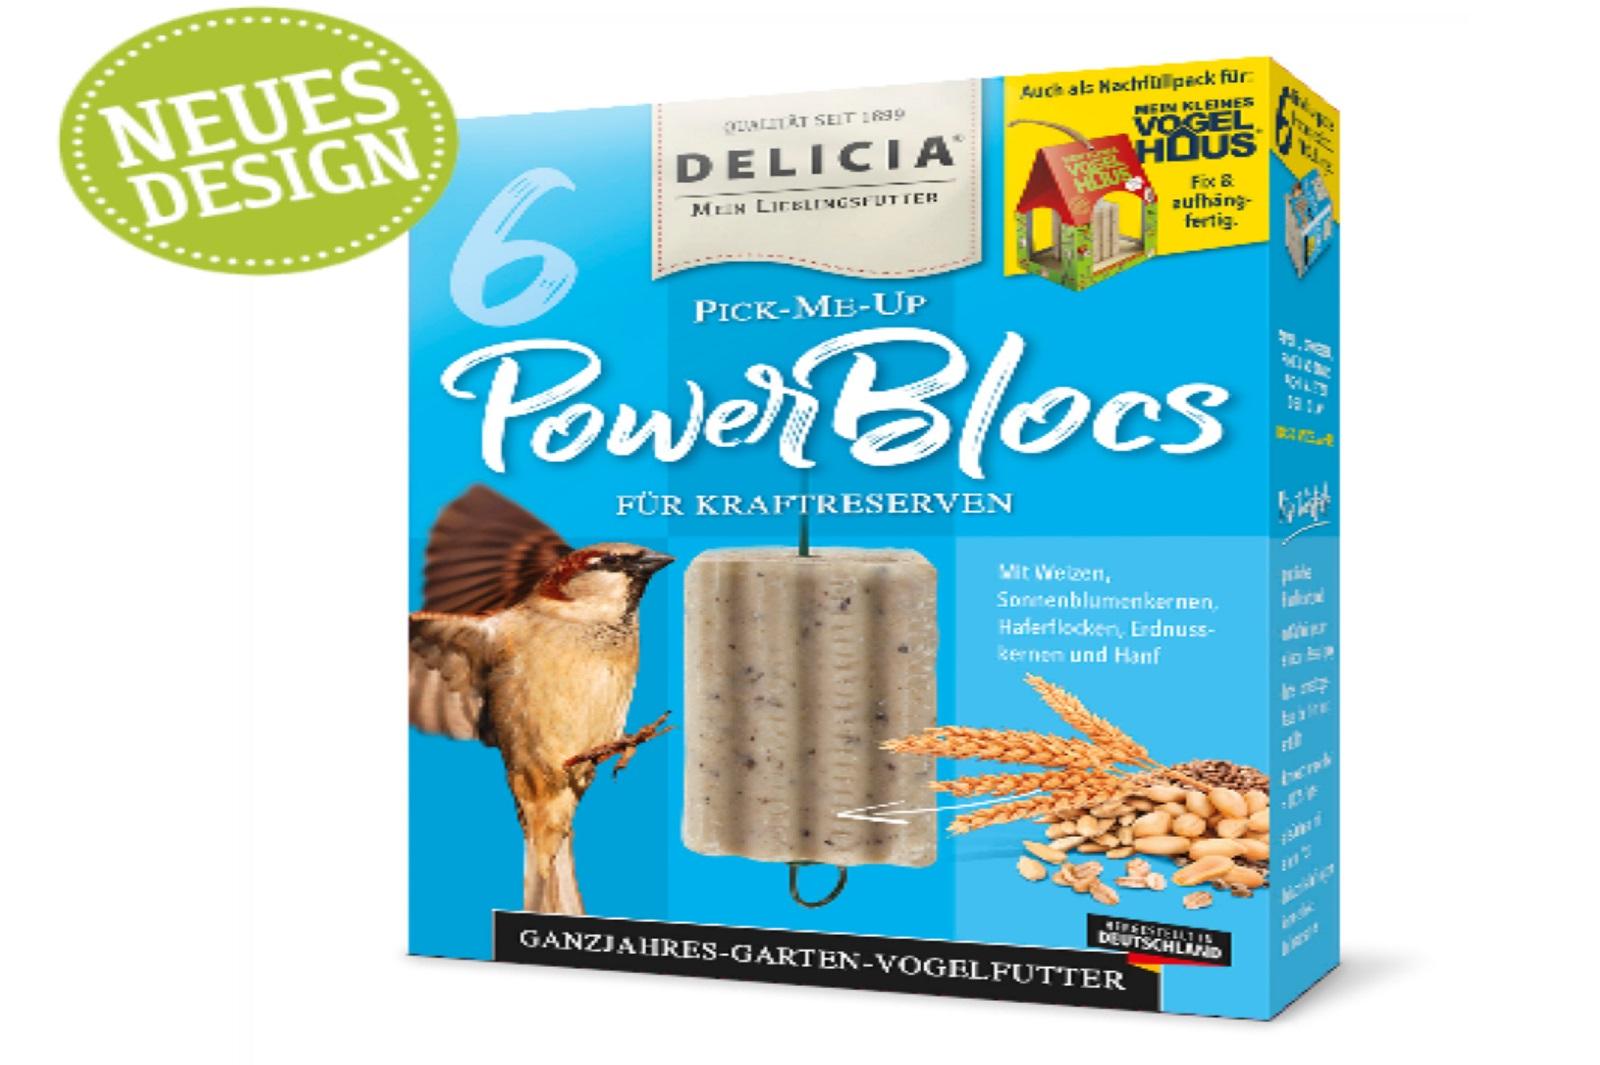 Delicia Power Bloc Pick-me-up mit Aufhänger Vogelfutter ganzjahres Futter 6 Stck